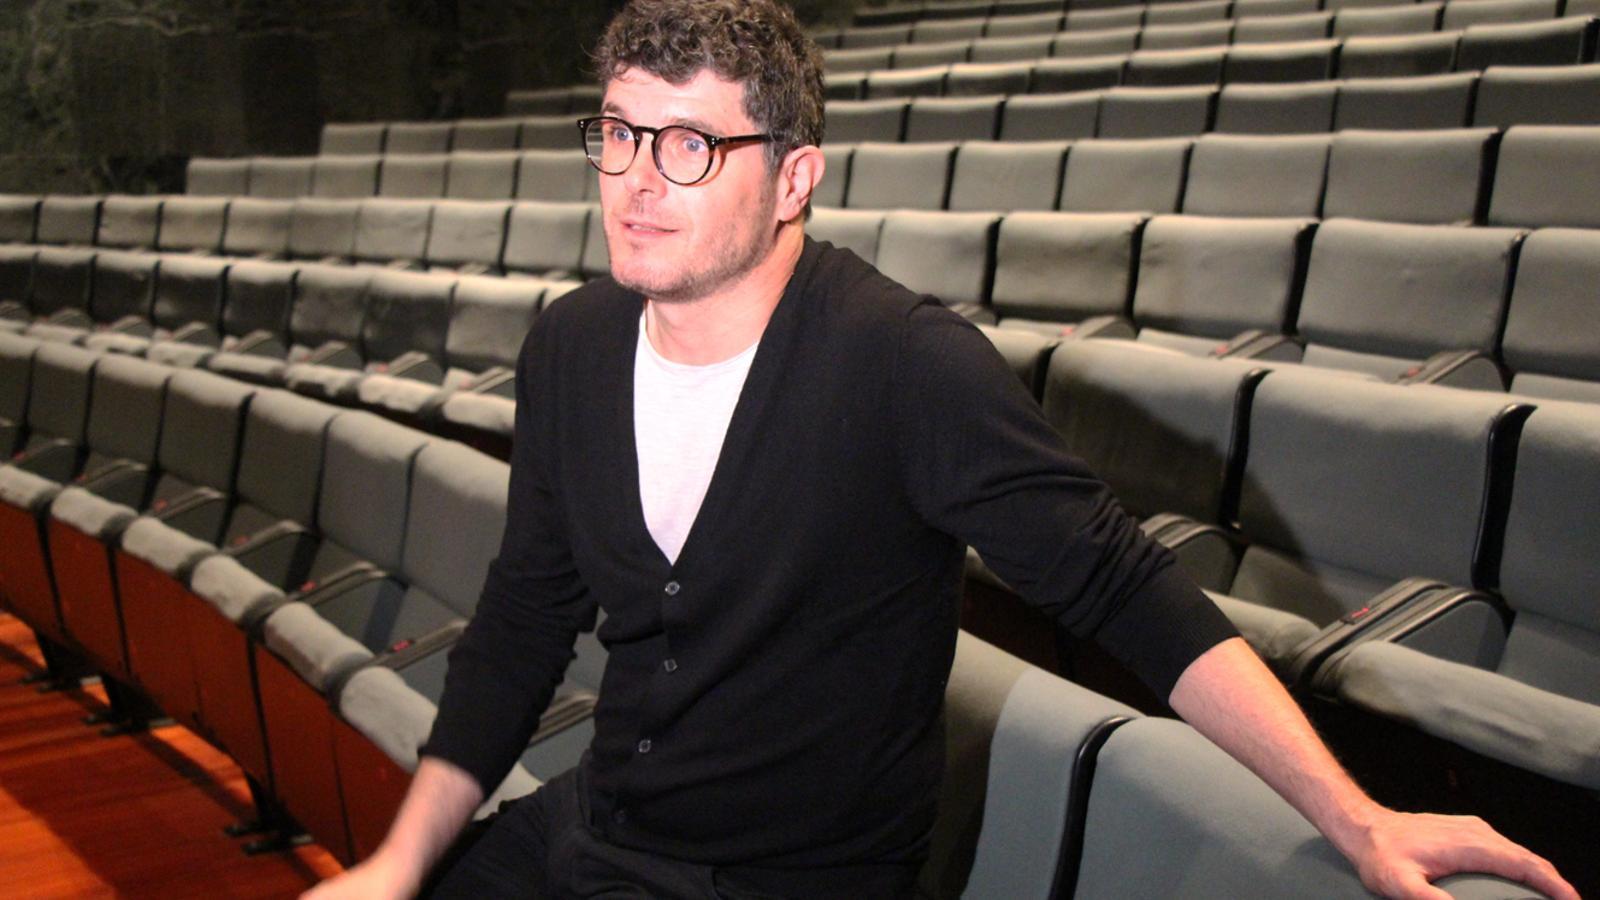 Ernest Villegas, un dels tres actors que protagonitzen 'Mala broma', durant l'entrevista als mitjans de comunicació. / L. M. (ANA)